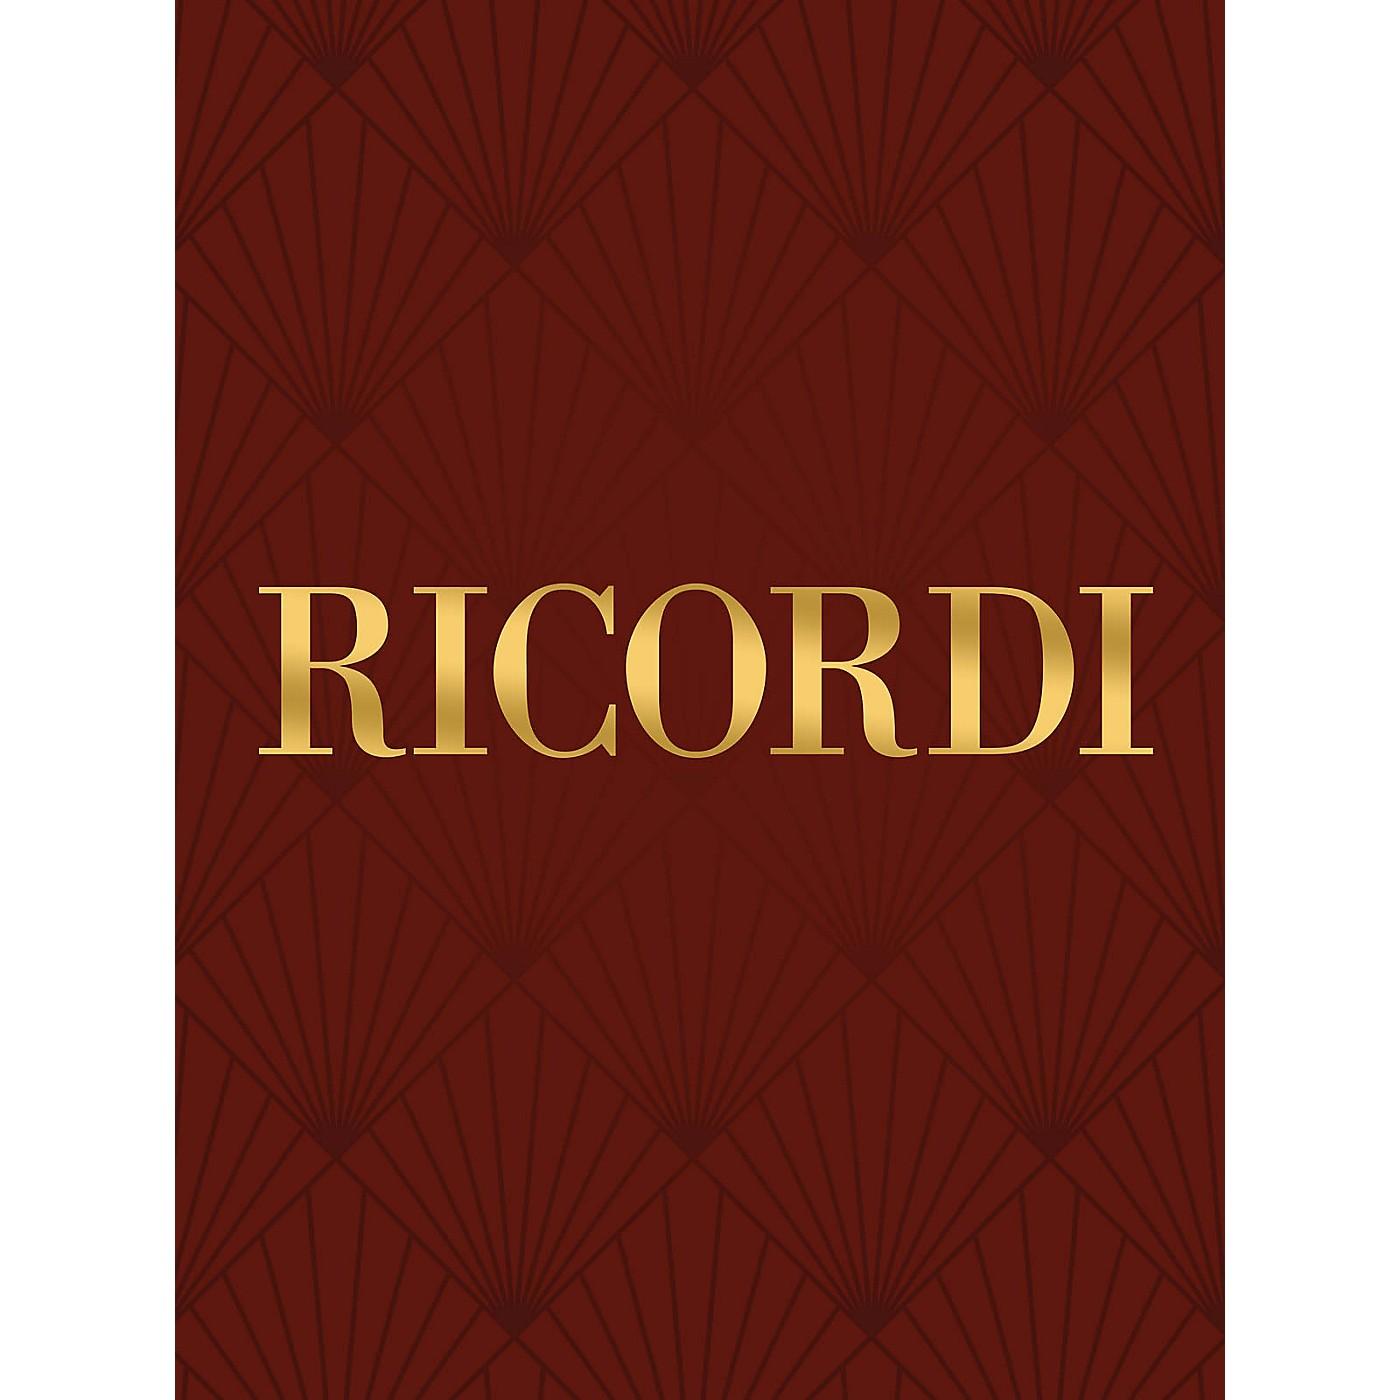 Ricordi Il Trovatore (Vocal Score) Vocal Score Series Hardcover Composed by Giuseppe Verdi thumbnail